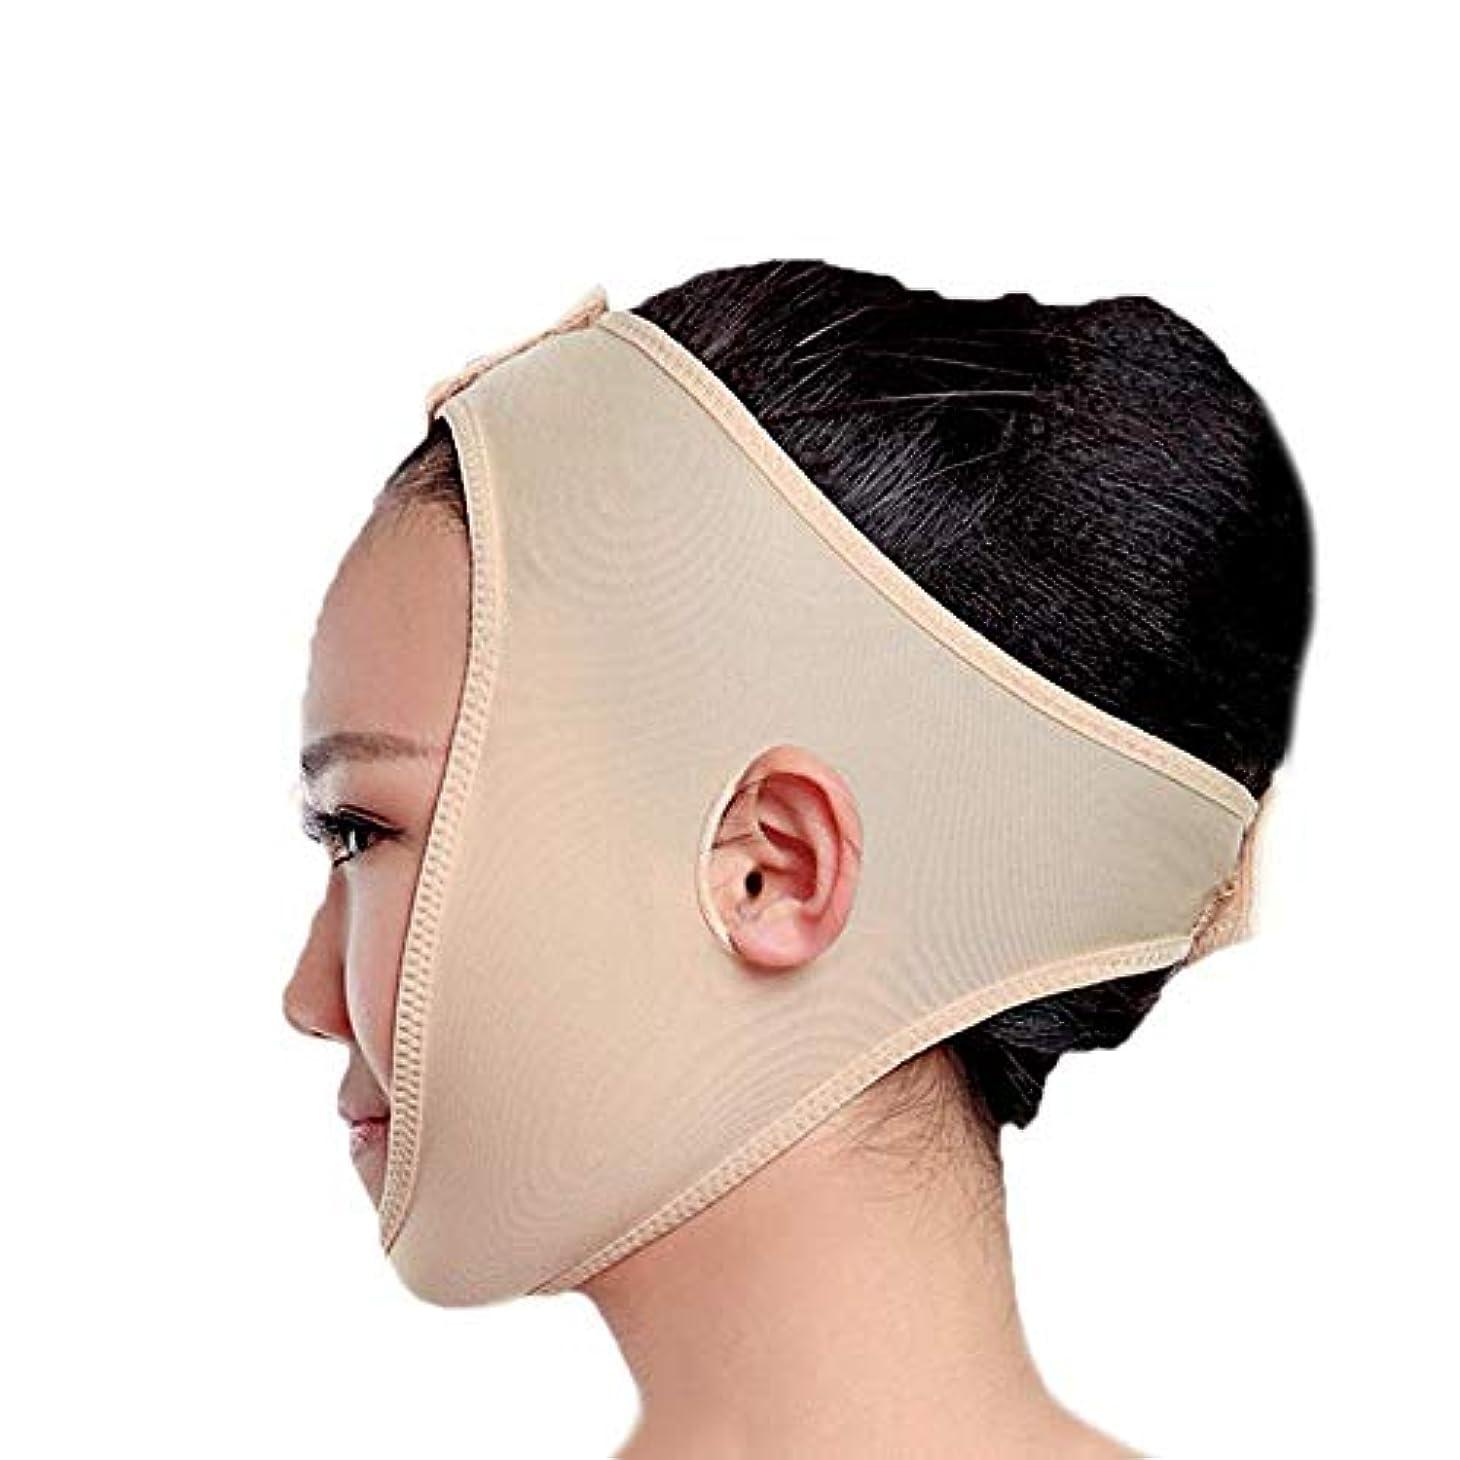 ラビリンスインチ阻害するフェイススリミングマスク、快適さと通気性、フェイシャルリフティング、輪郭の改善された硬さ、ファーミングとリフティングフェイス(カラー:ブラック、サイズ:XL),黄色がかったピンク2、L